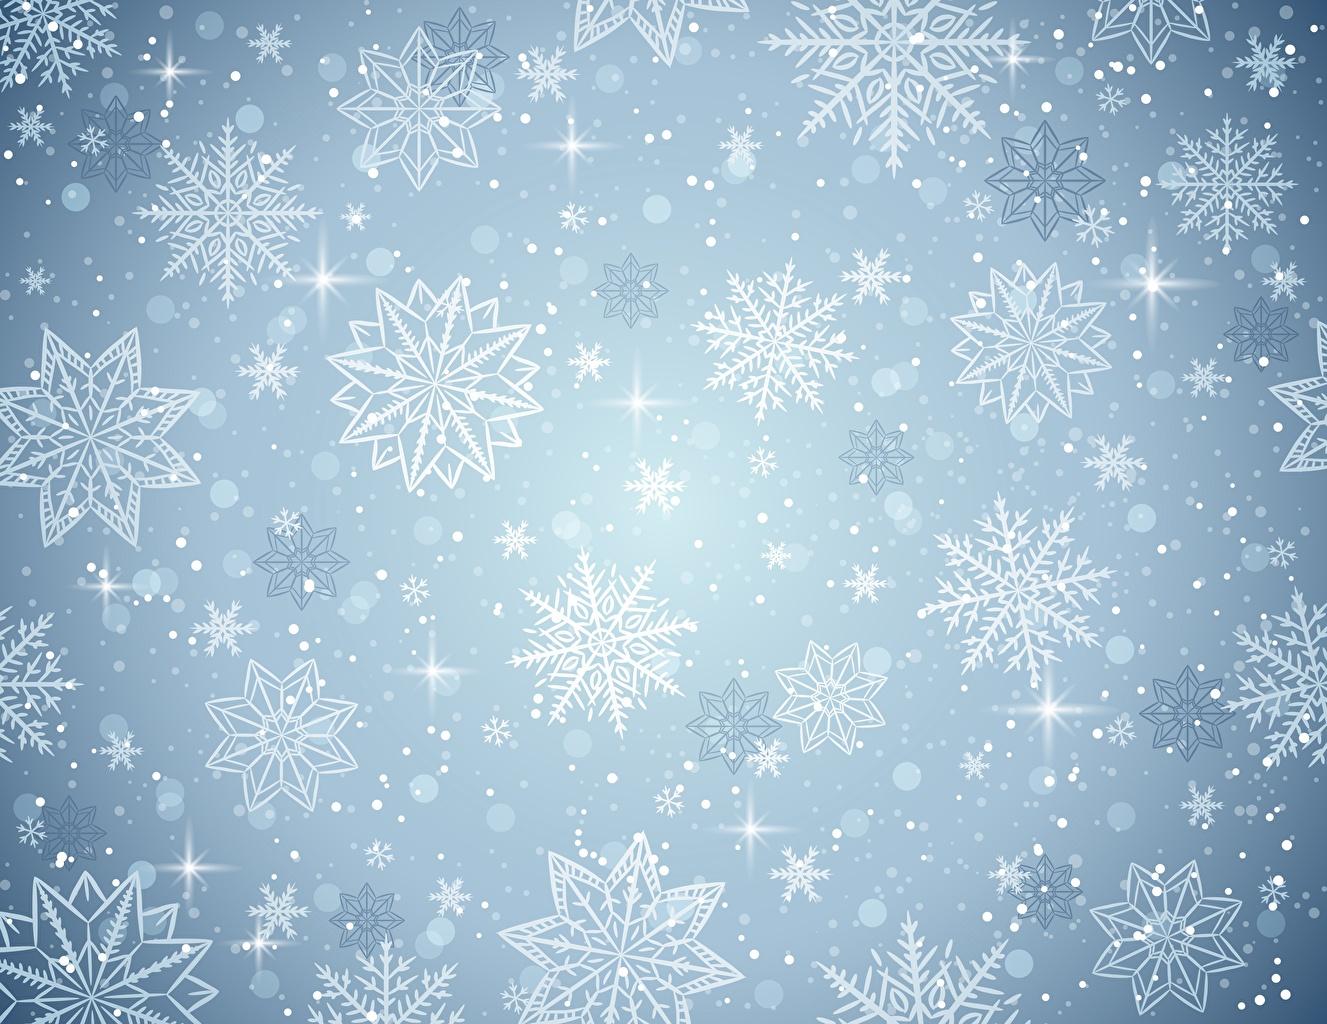 Фотографии Текстура Новый год снежинка Рождество Снежинки